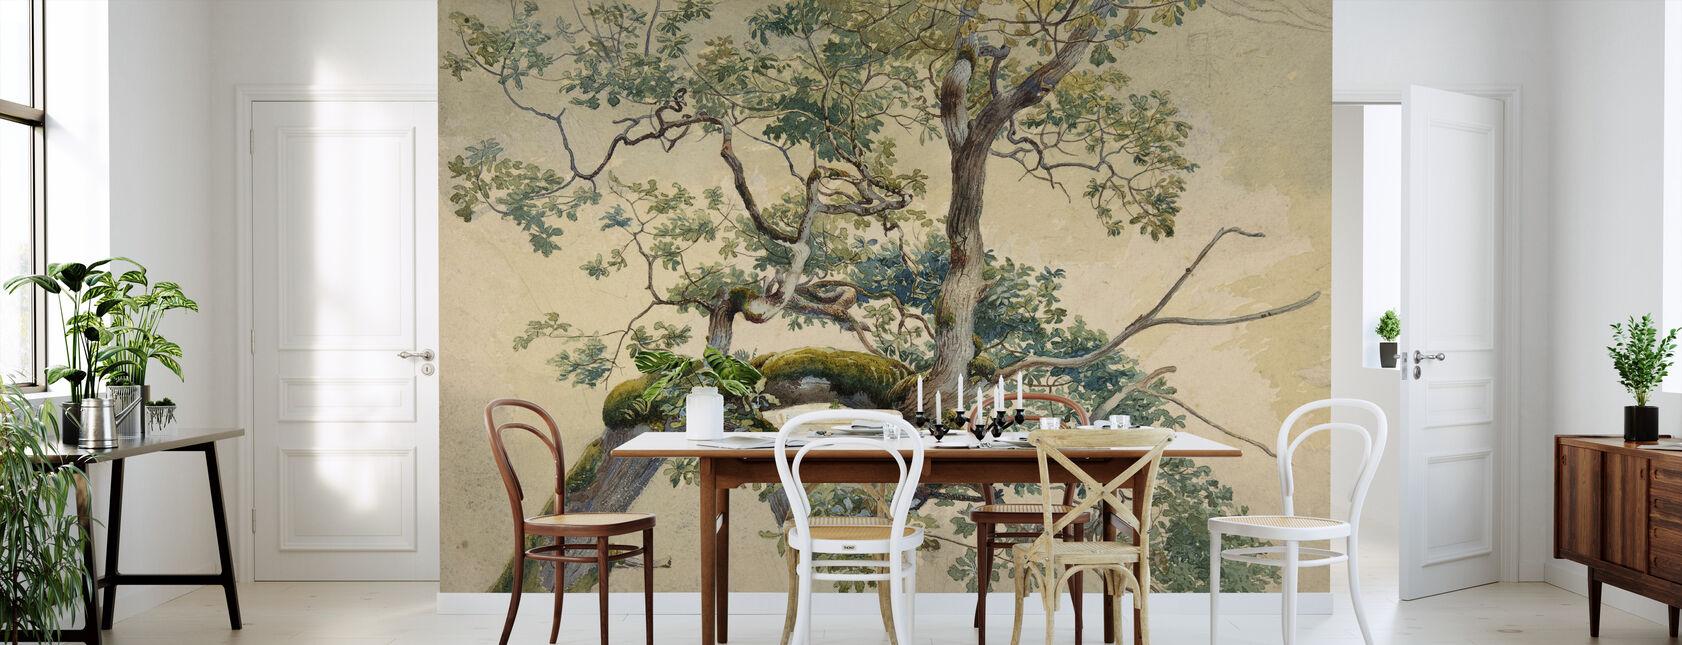 Tree Branch Art - Charles Reginald Aston - Wallpaper - Kitchen